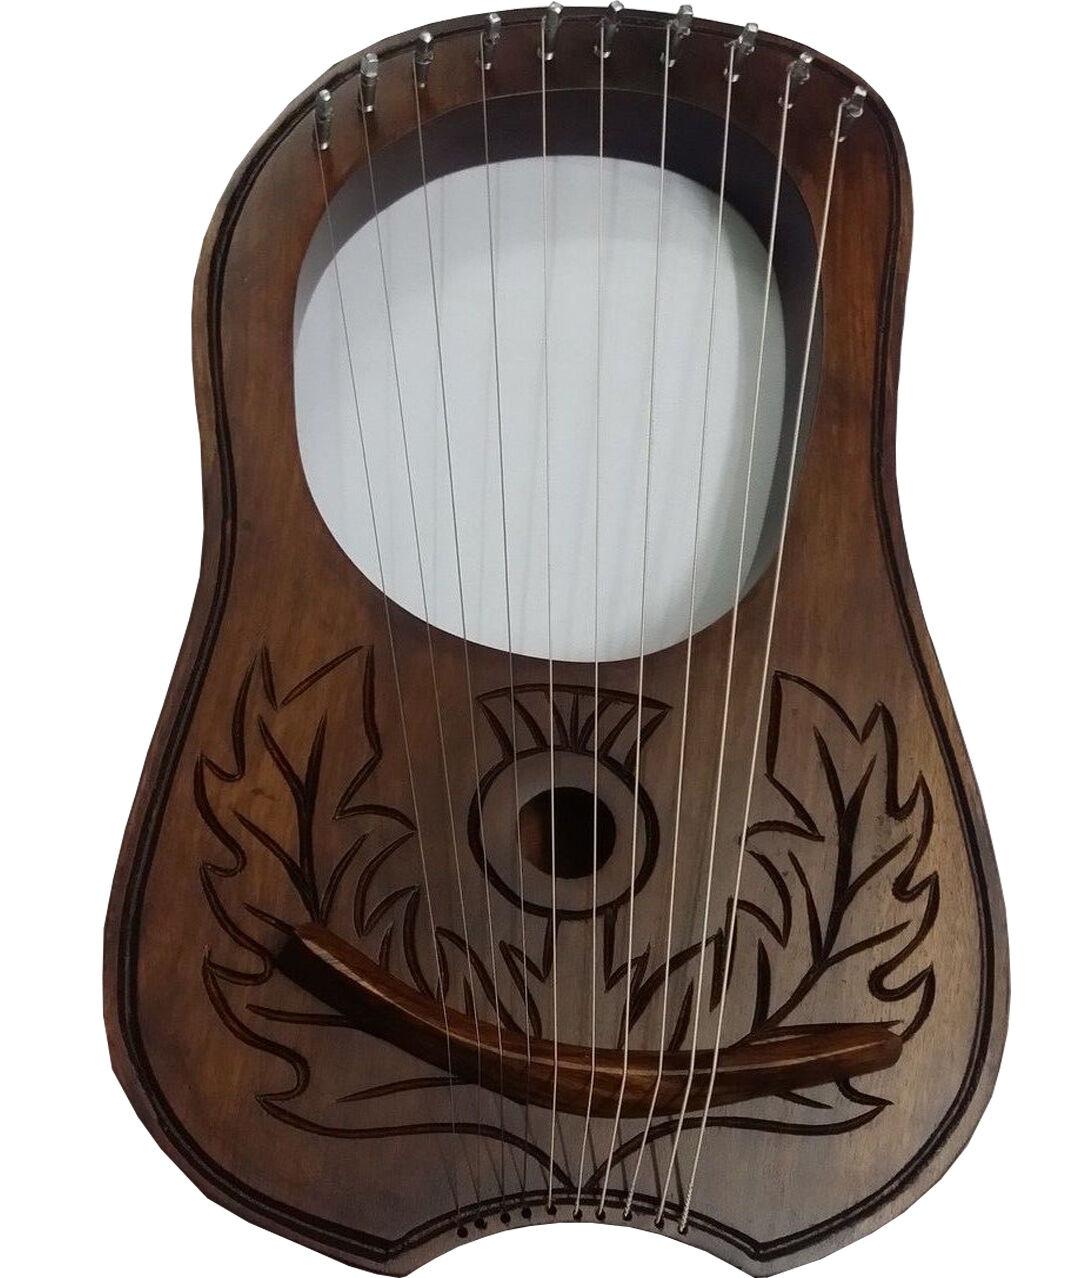 Graviertes Lyra Mundharmonika Sheesham Holz 10 Metallsaiten Gratis Tragetasche &